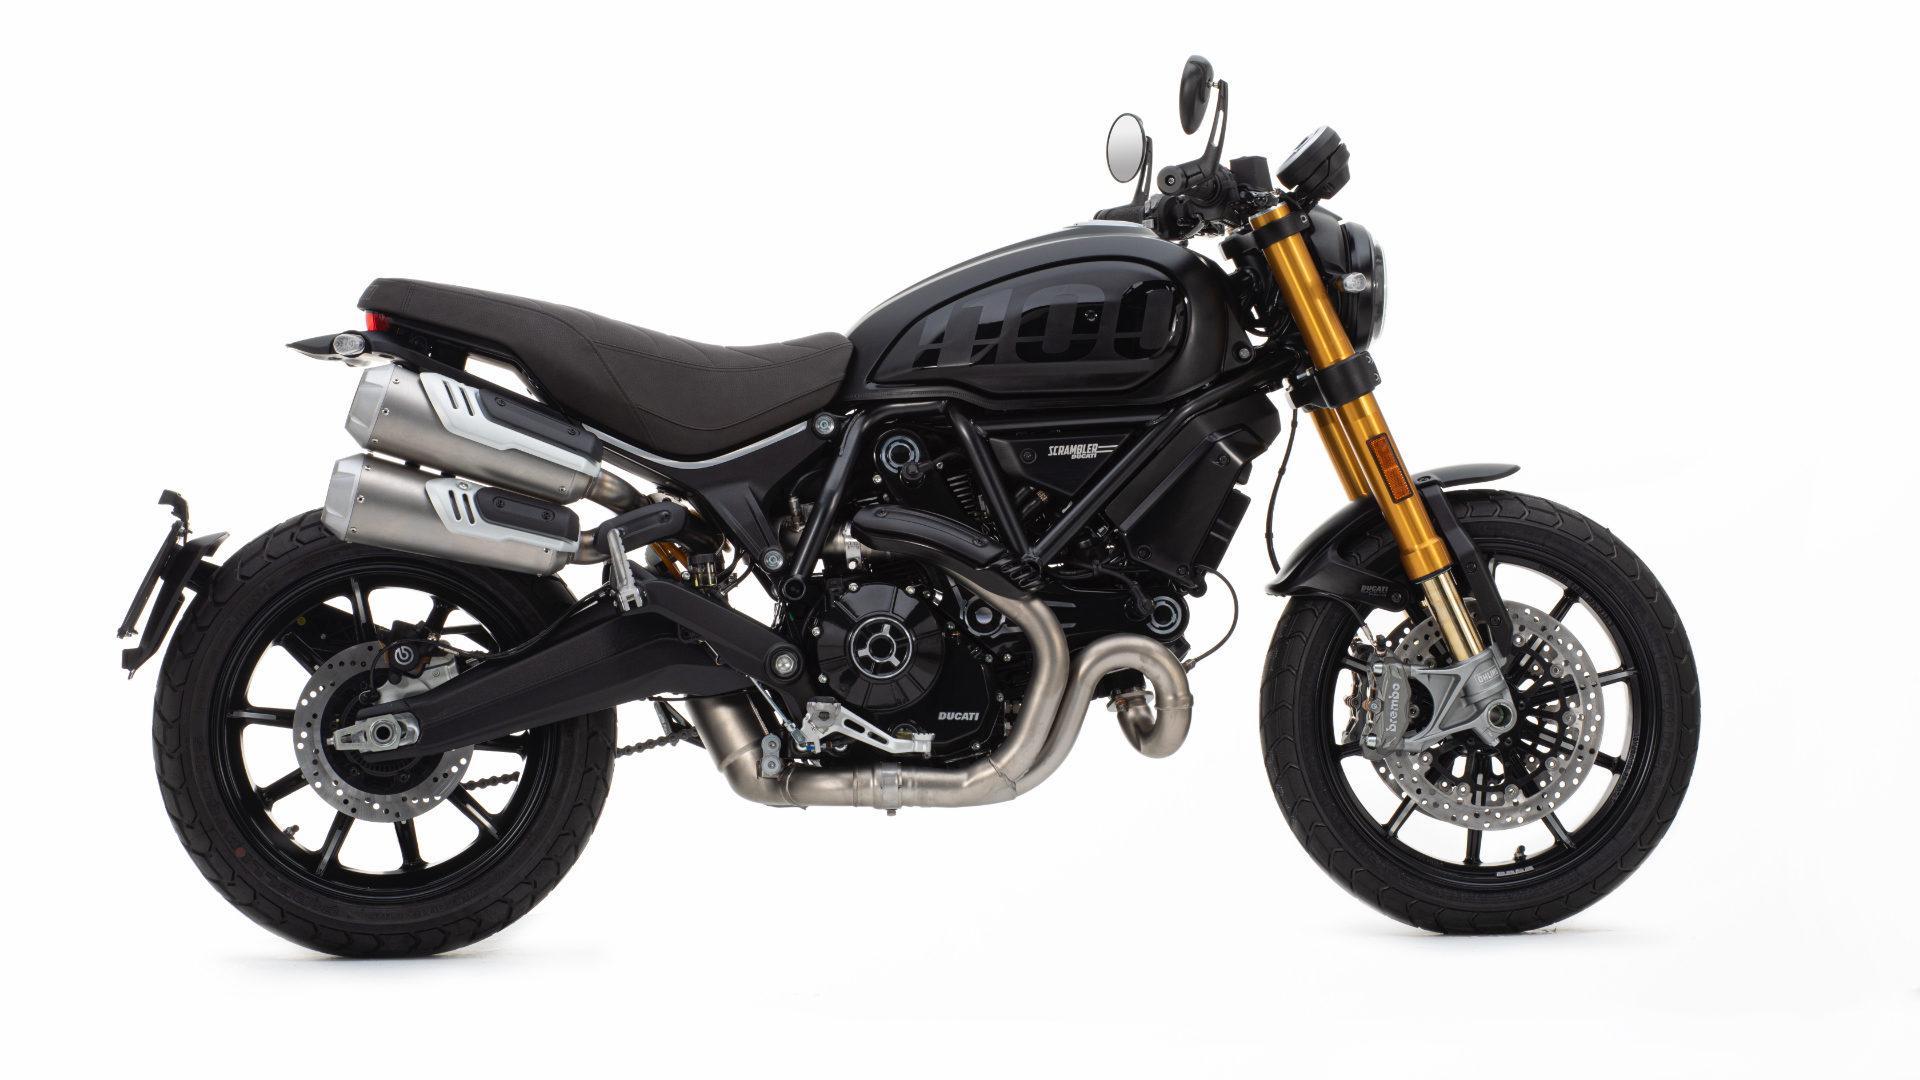 Ducati Scramber Pro 1100 side profile